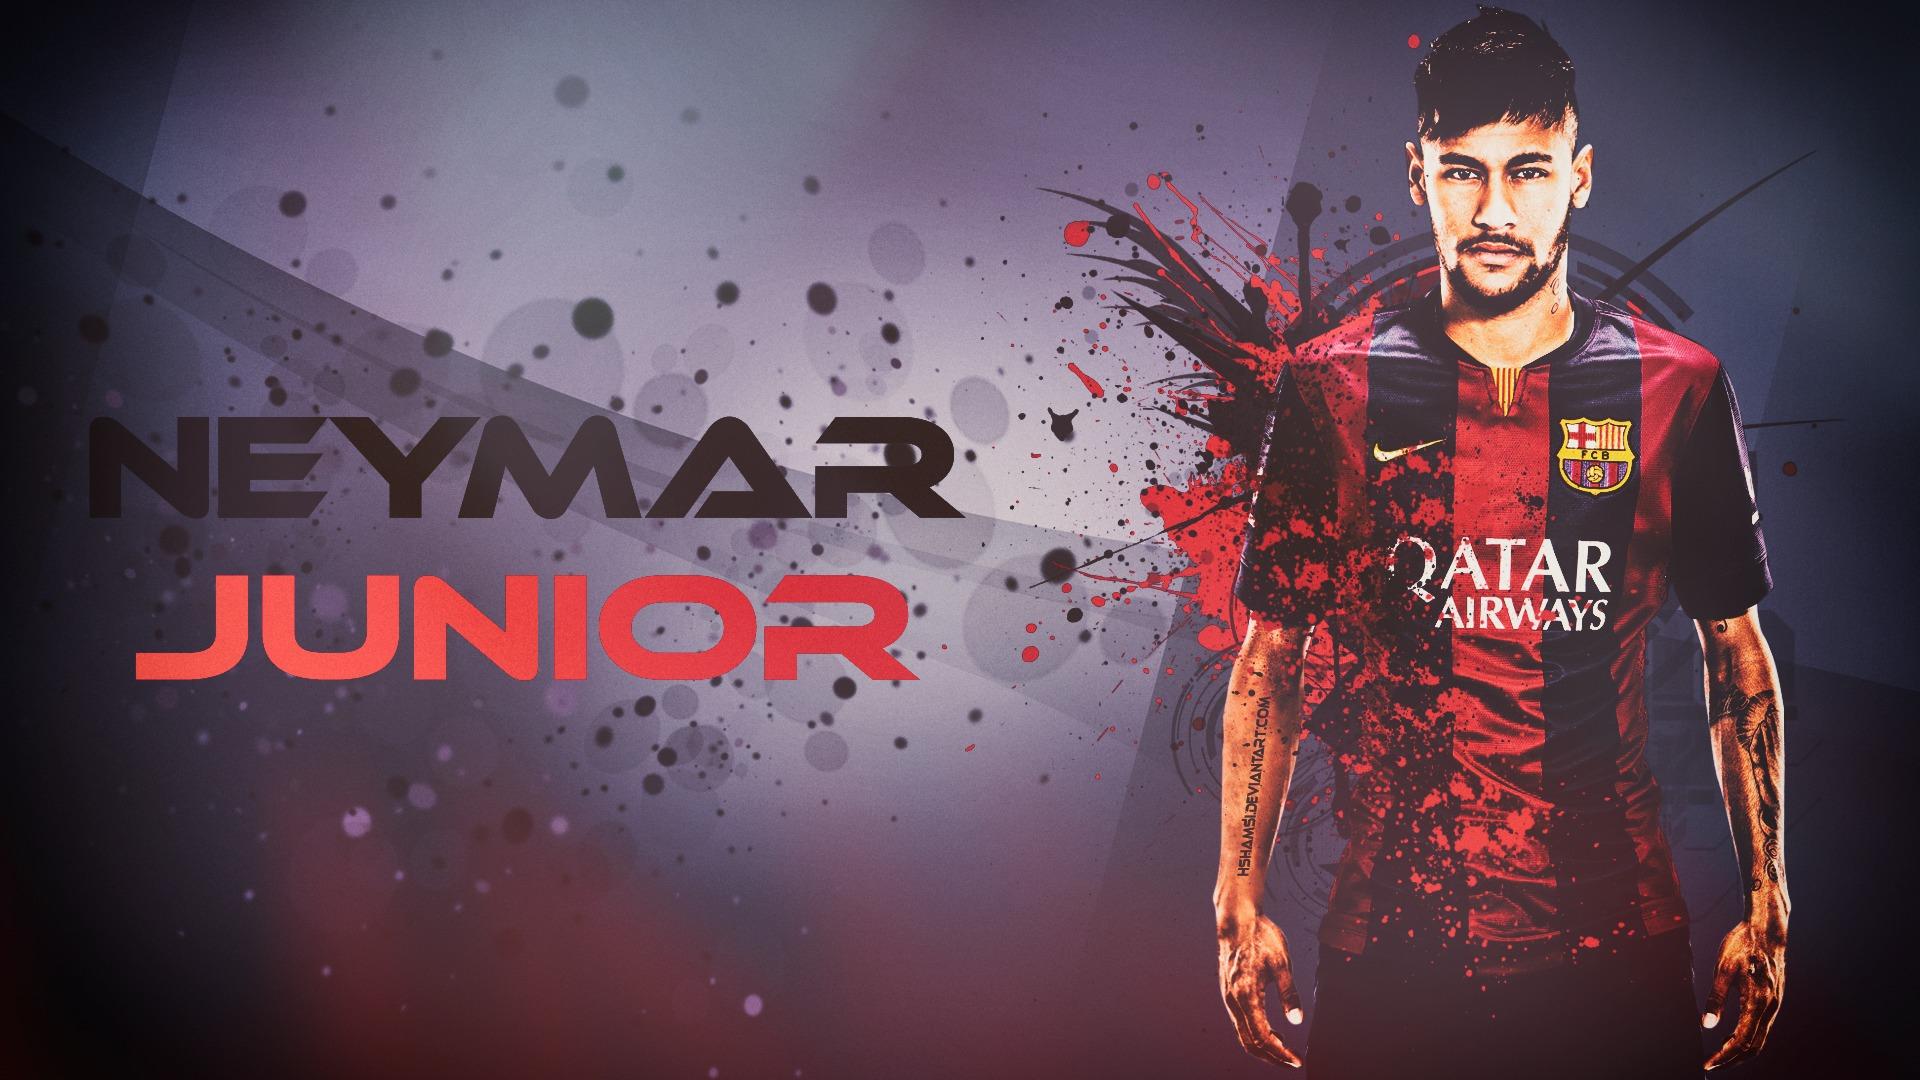 Neymar junior Wallpaper, neymar, Barcelona, barcelona, football ...